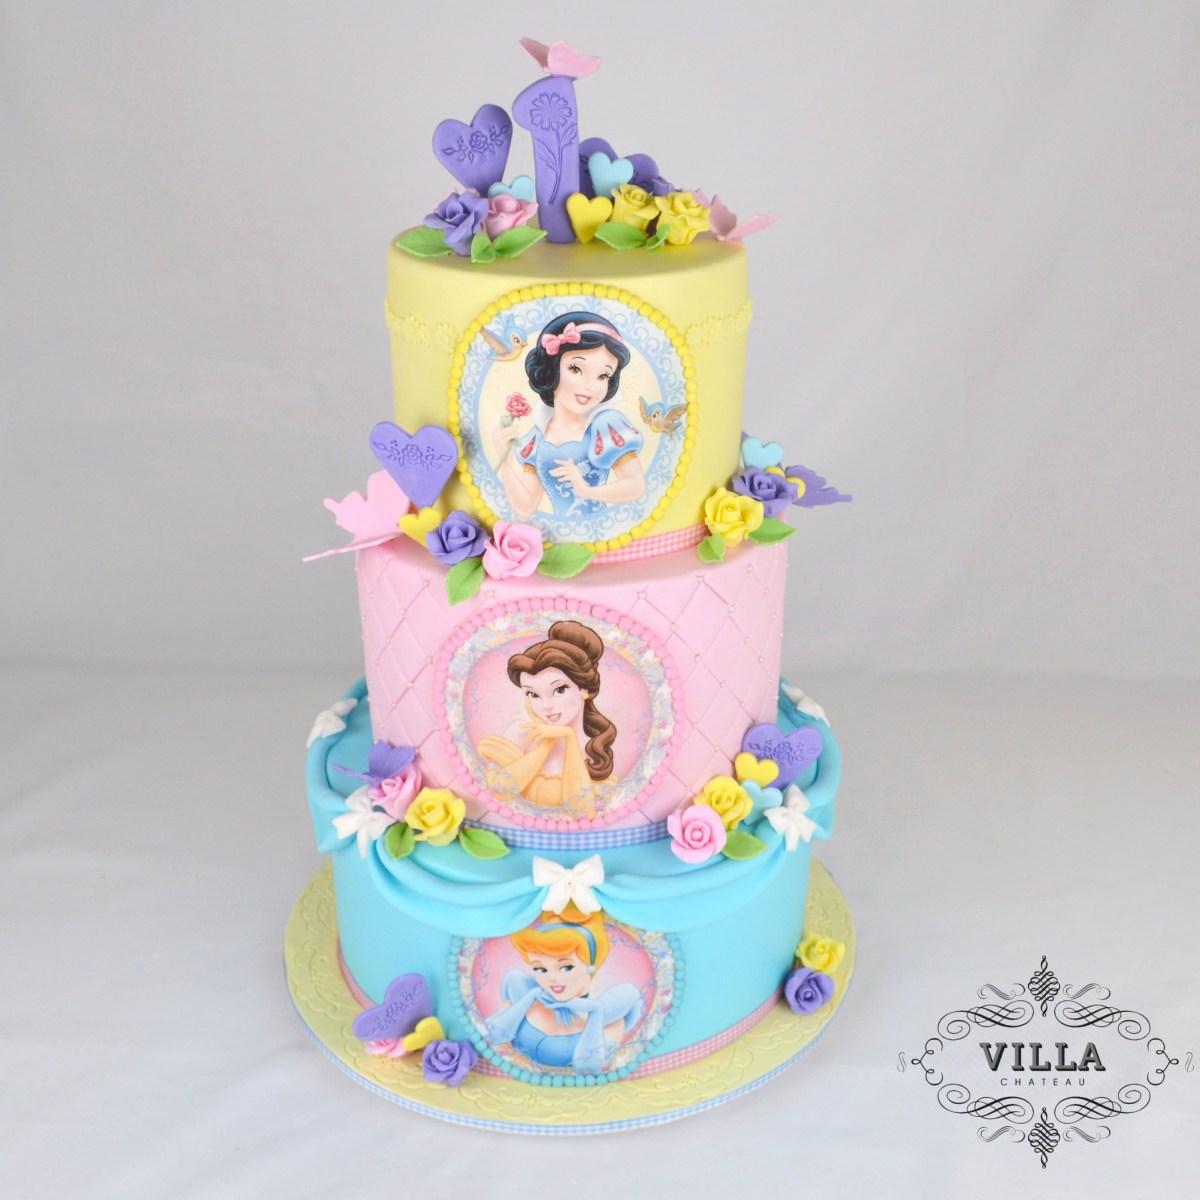 Astounding Disney Princess Birthday Cakes Disney Princess Birthday Cake Personalised Birthday Cards Bromeletsinfo